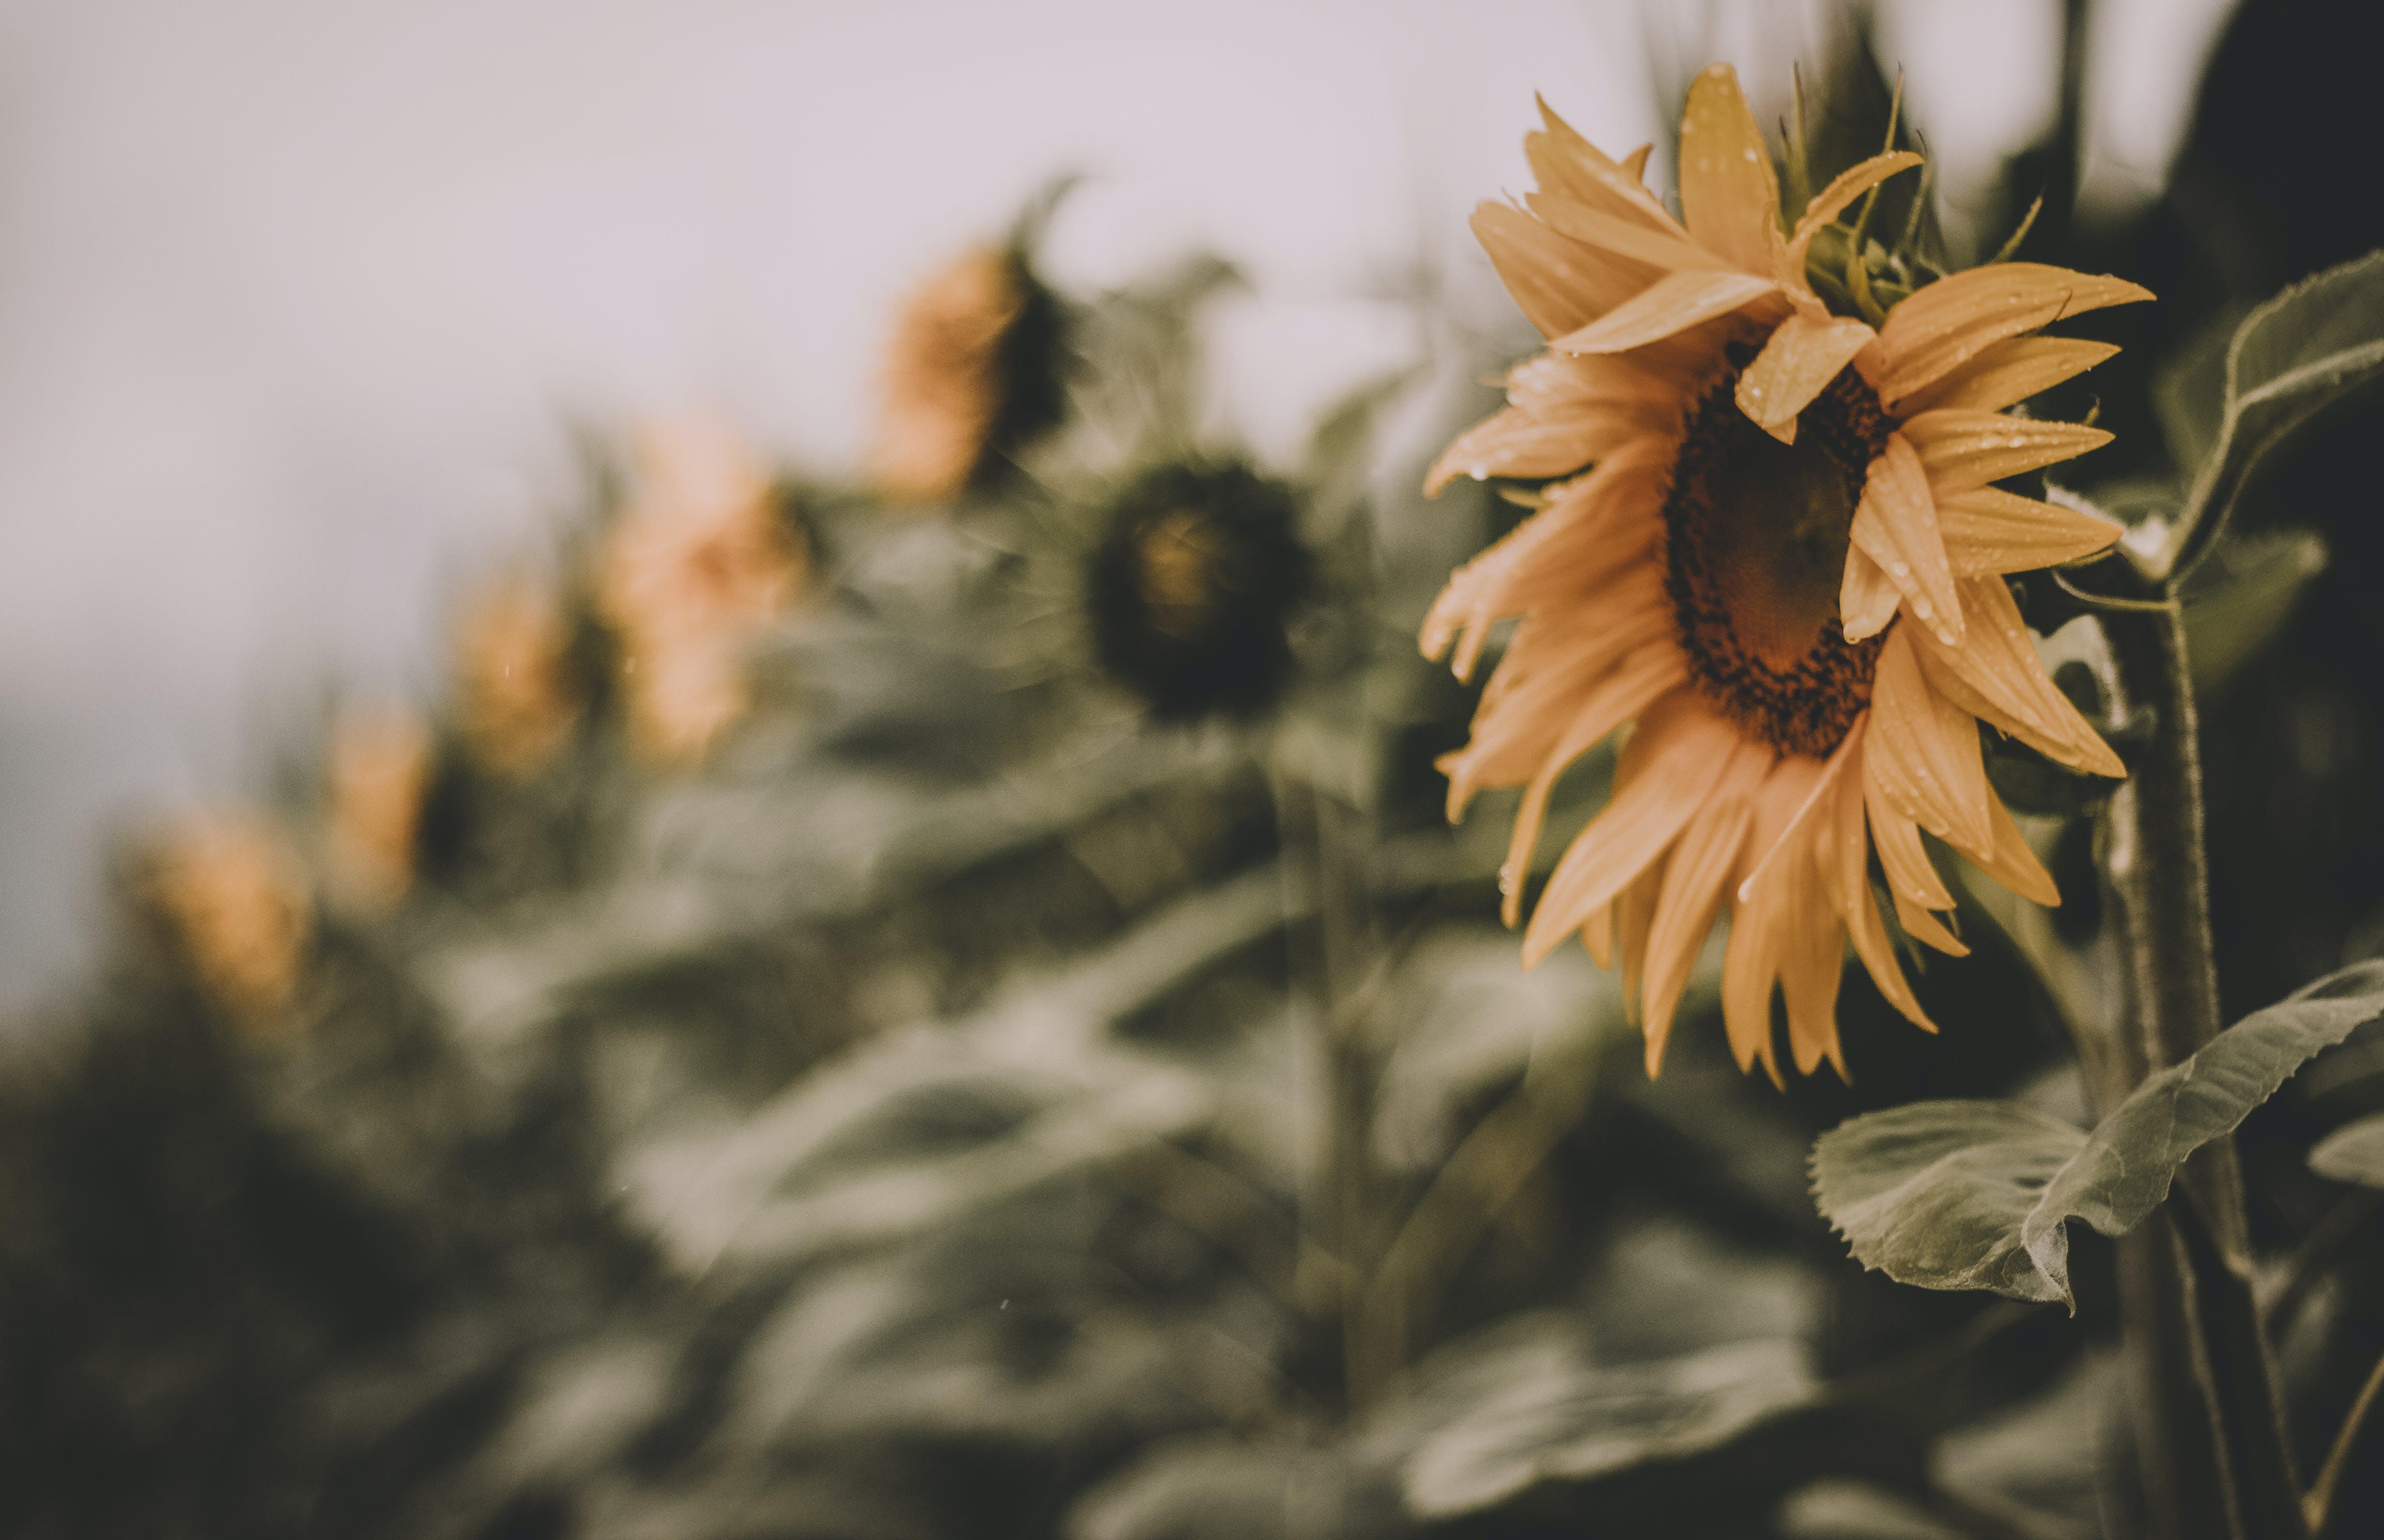 การเจริญเติบโต, ดอกทานตะวัน, ดอกไม้